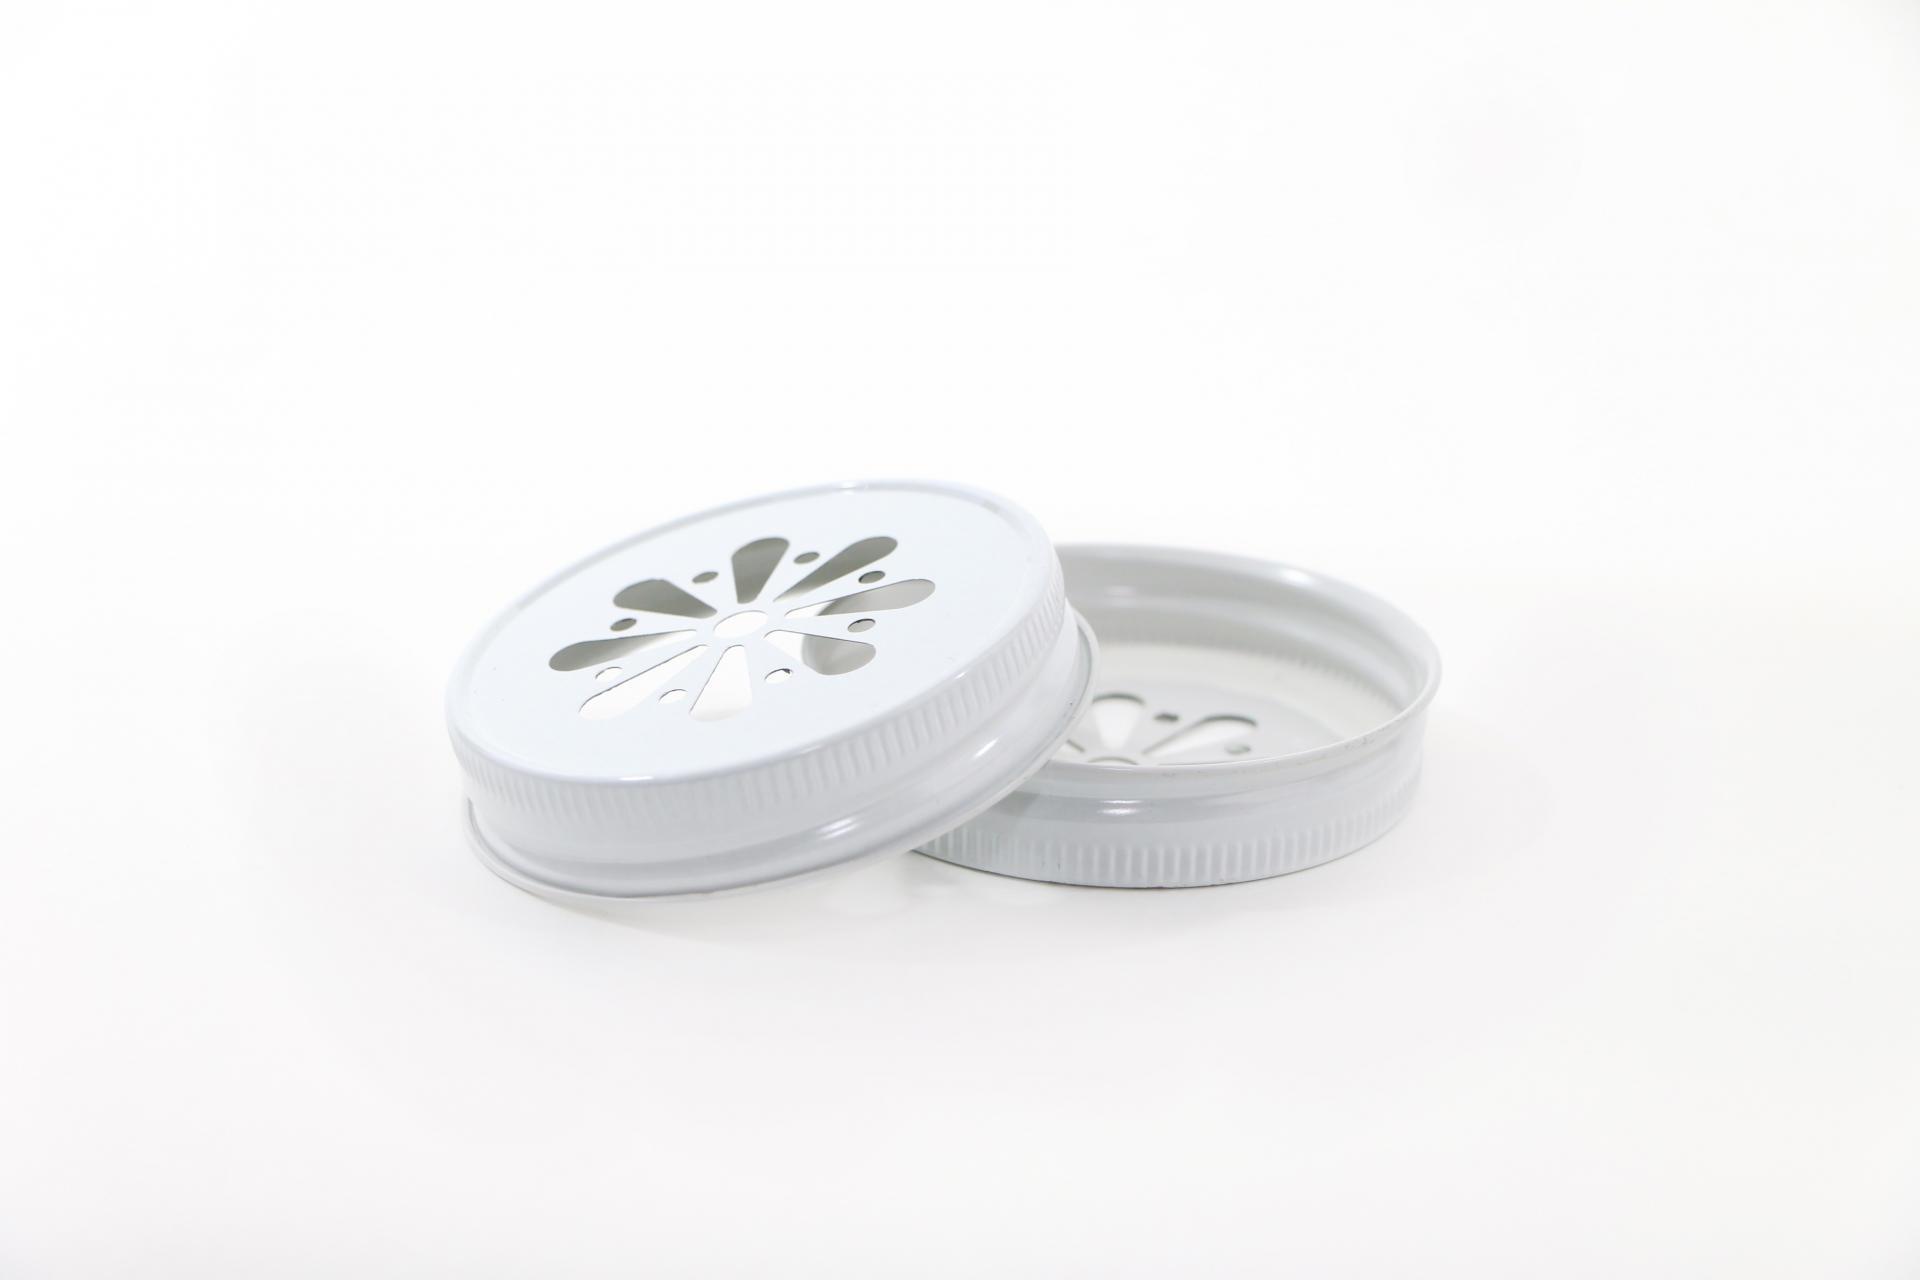 Ball Dekorativní kovové víčko Ball bílé, bílá barva, kov